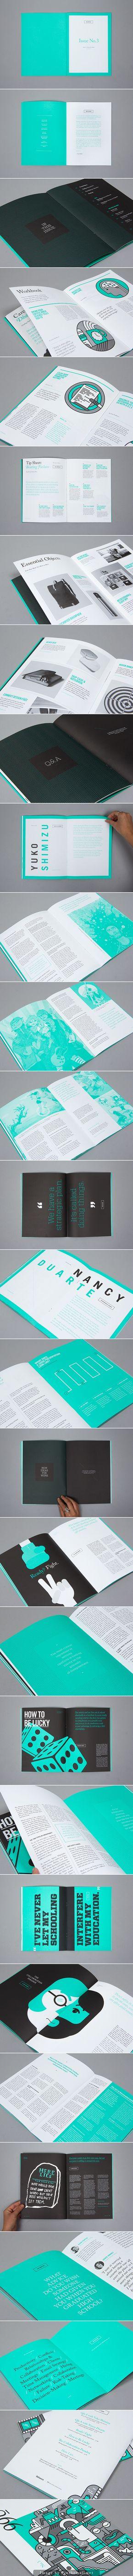 99U Quarterly Magazine Issue No3.  Buen contraste de colores, contraste en las tipografías, gráficos impecables, y sobre todo buen uso del espacio en blanco.